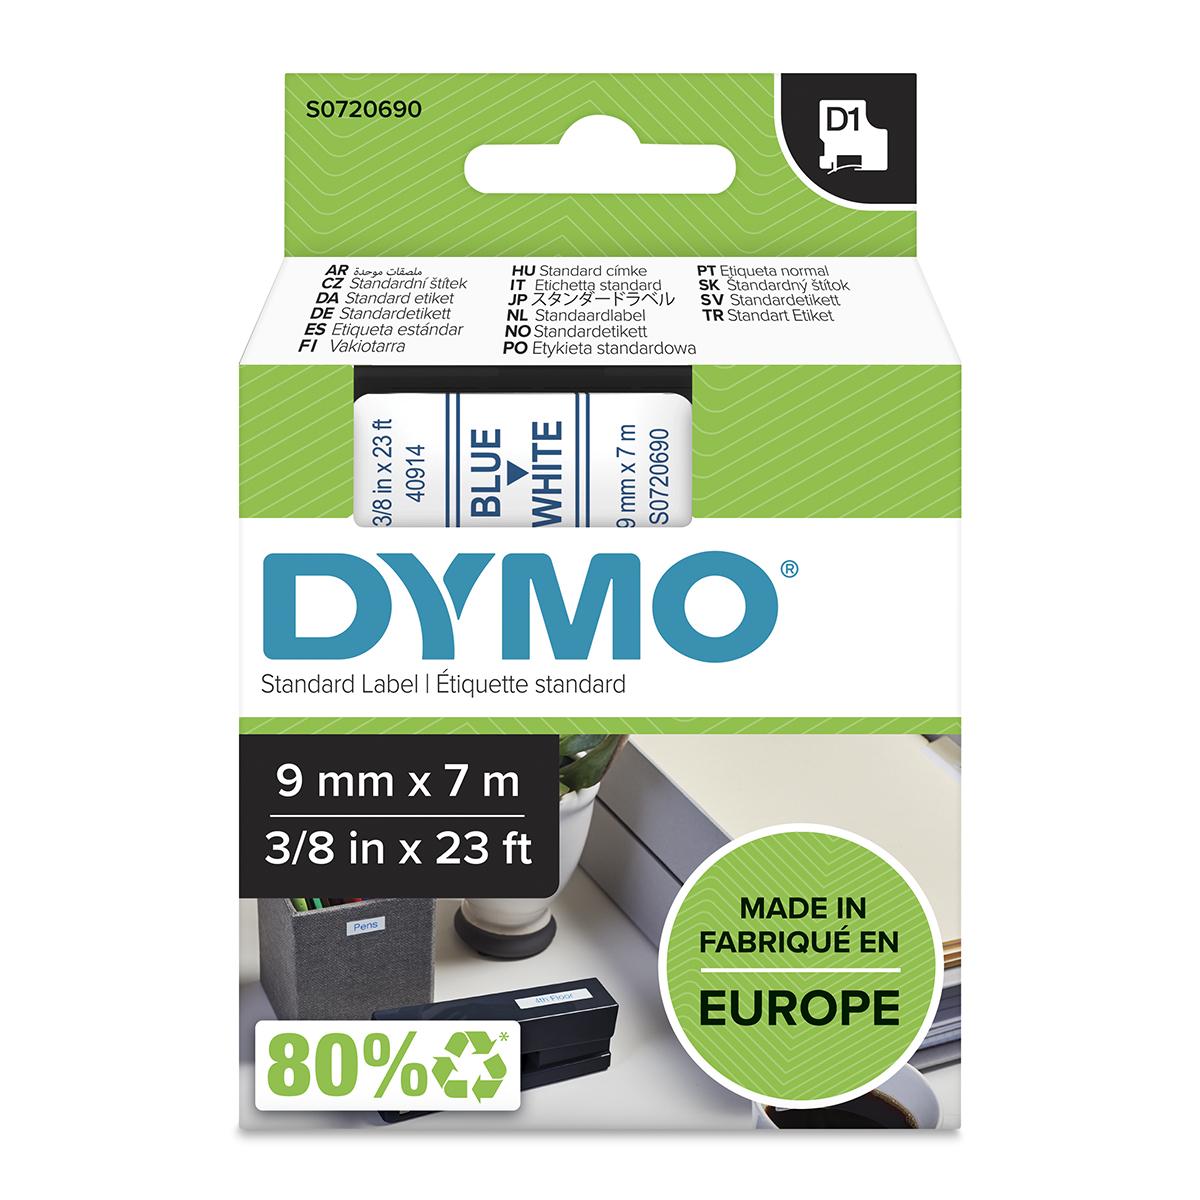 Dymo 40914 D1 9mm x 7m Blue on White Tape